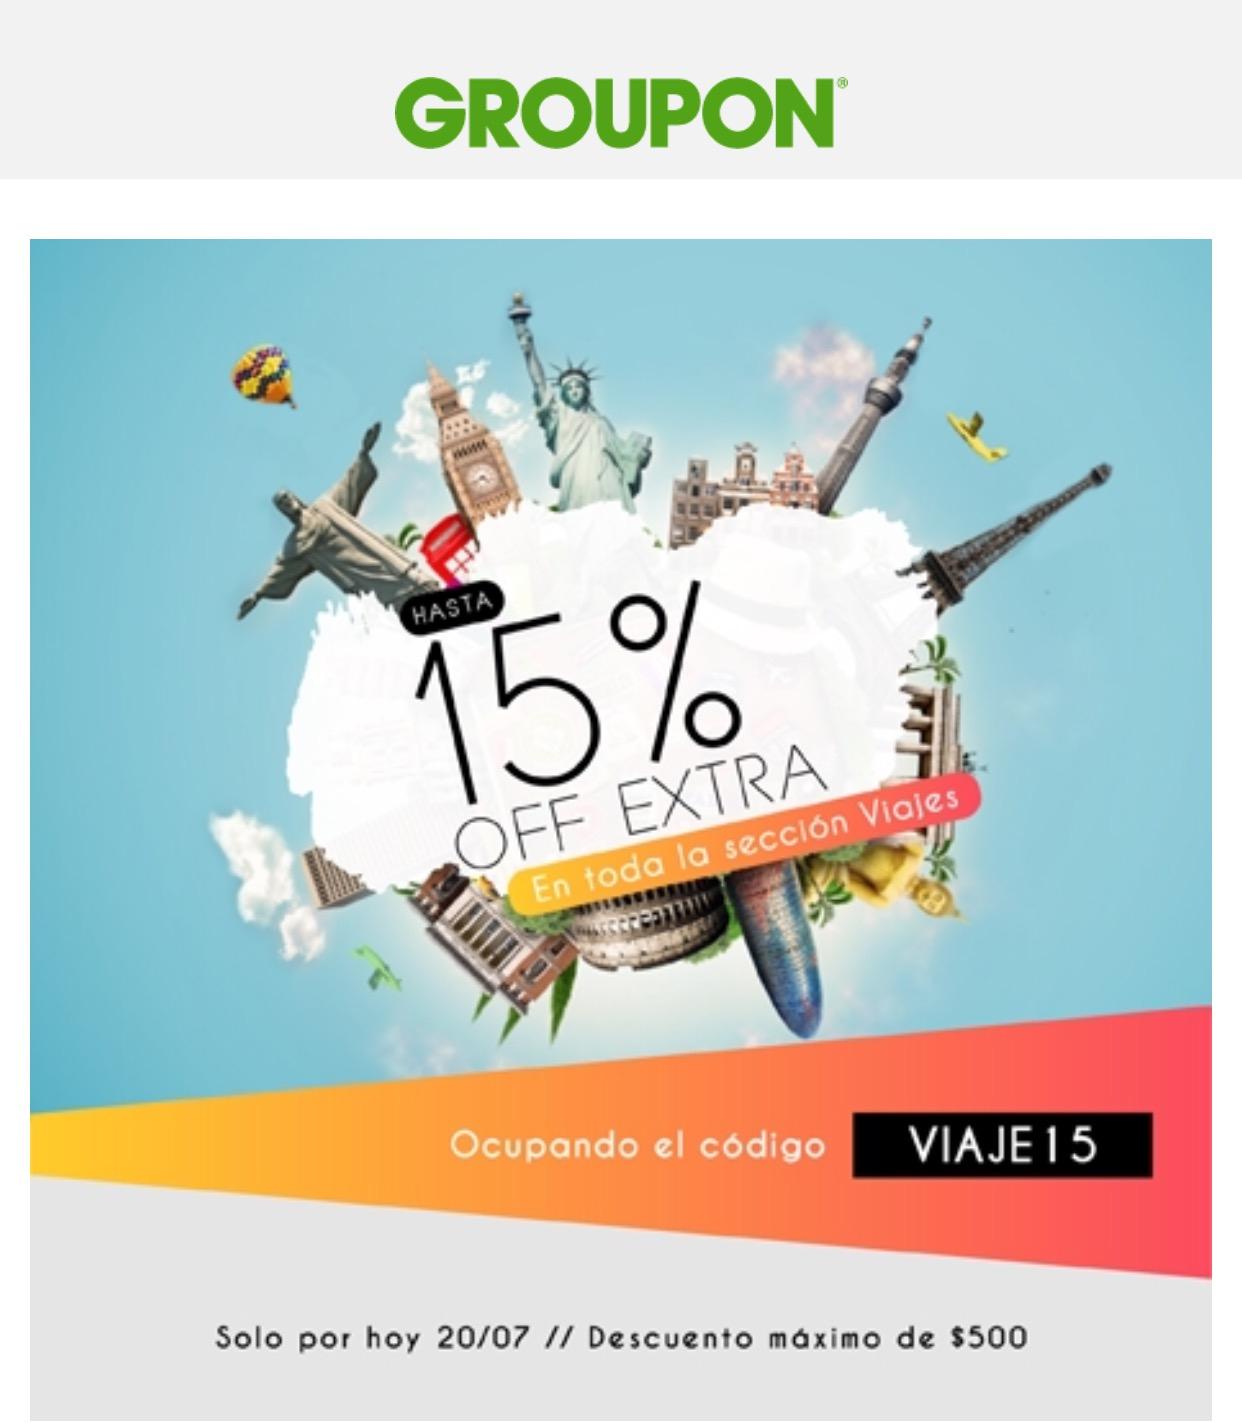 Groupon: Disfruta este Verano con un 15% off EXTRA en Viajes